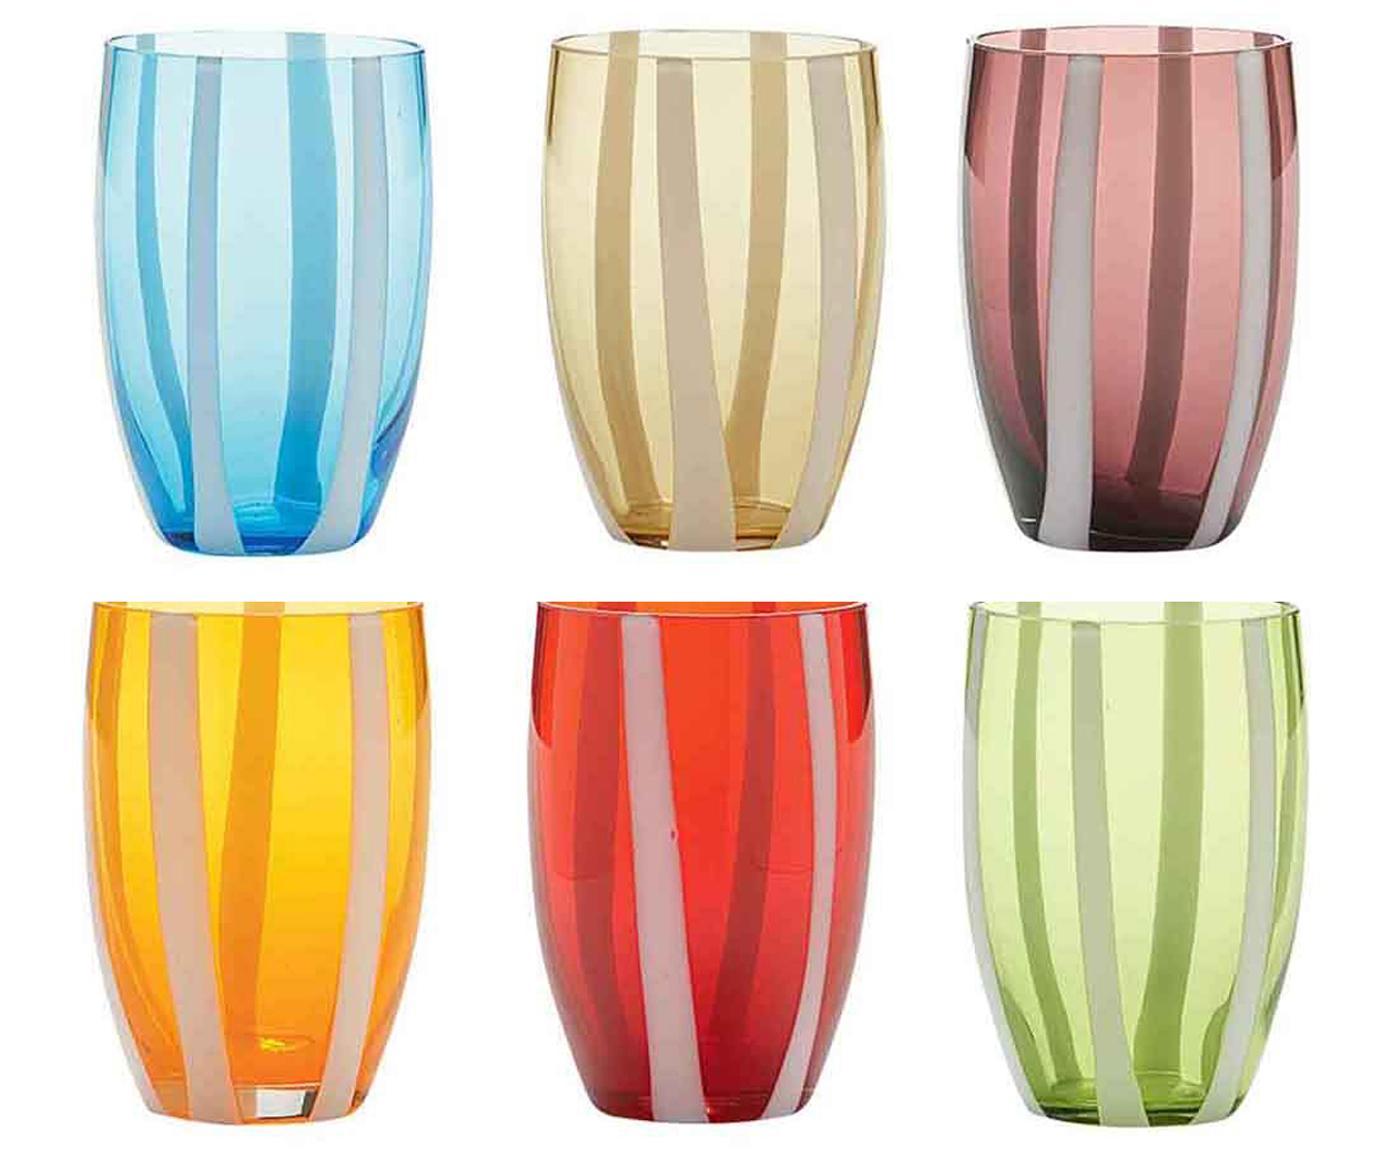 Komplet szklanek do wody ze szkła dmuchanego Gessato, 6 elem., Szkło, Biały, morski, odcienie bursztynowego, pastelowy fiolet, pomarańczowy, czerwony,, Ø 7 x W 11 cm